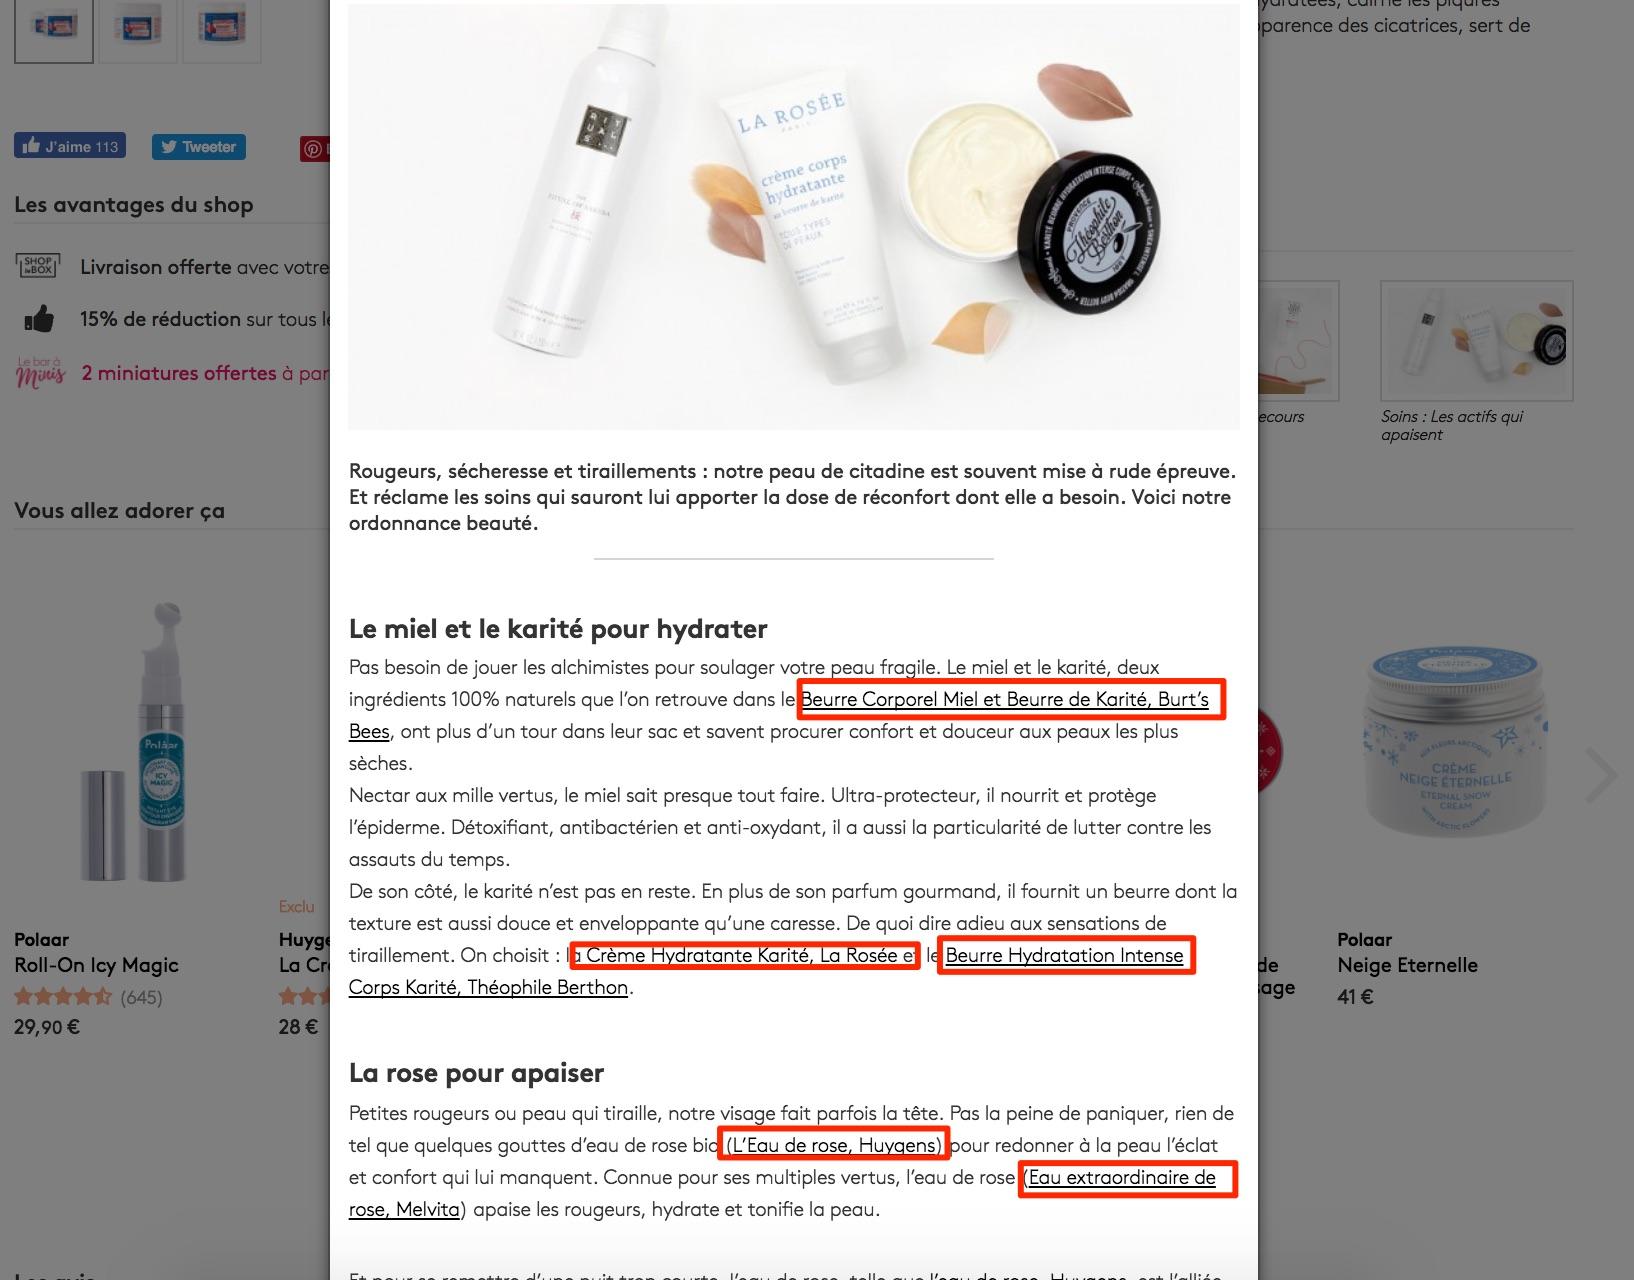 contenu mots clés e-commerce seo guide smartkeyword